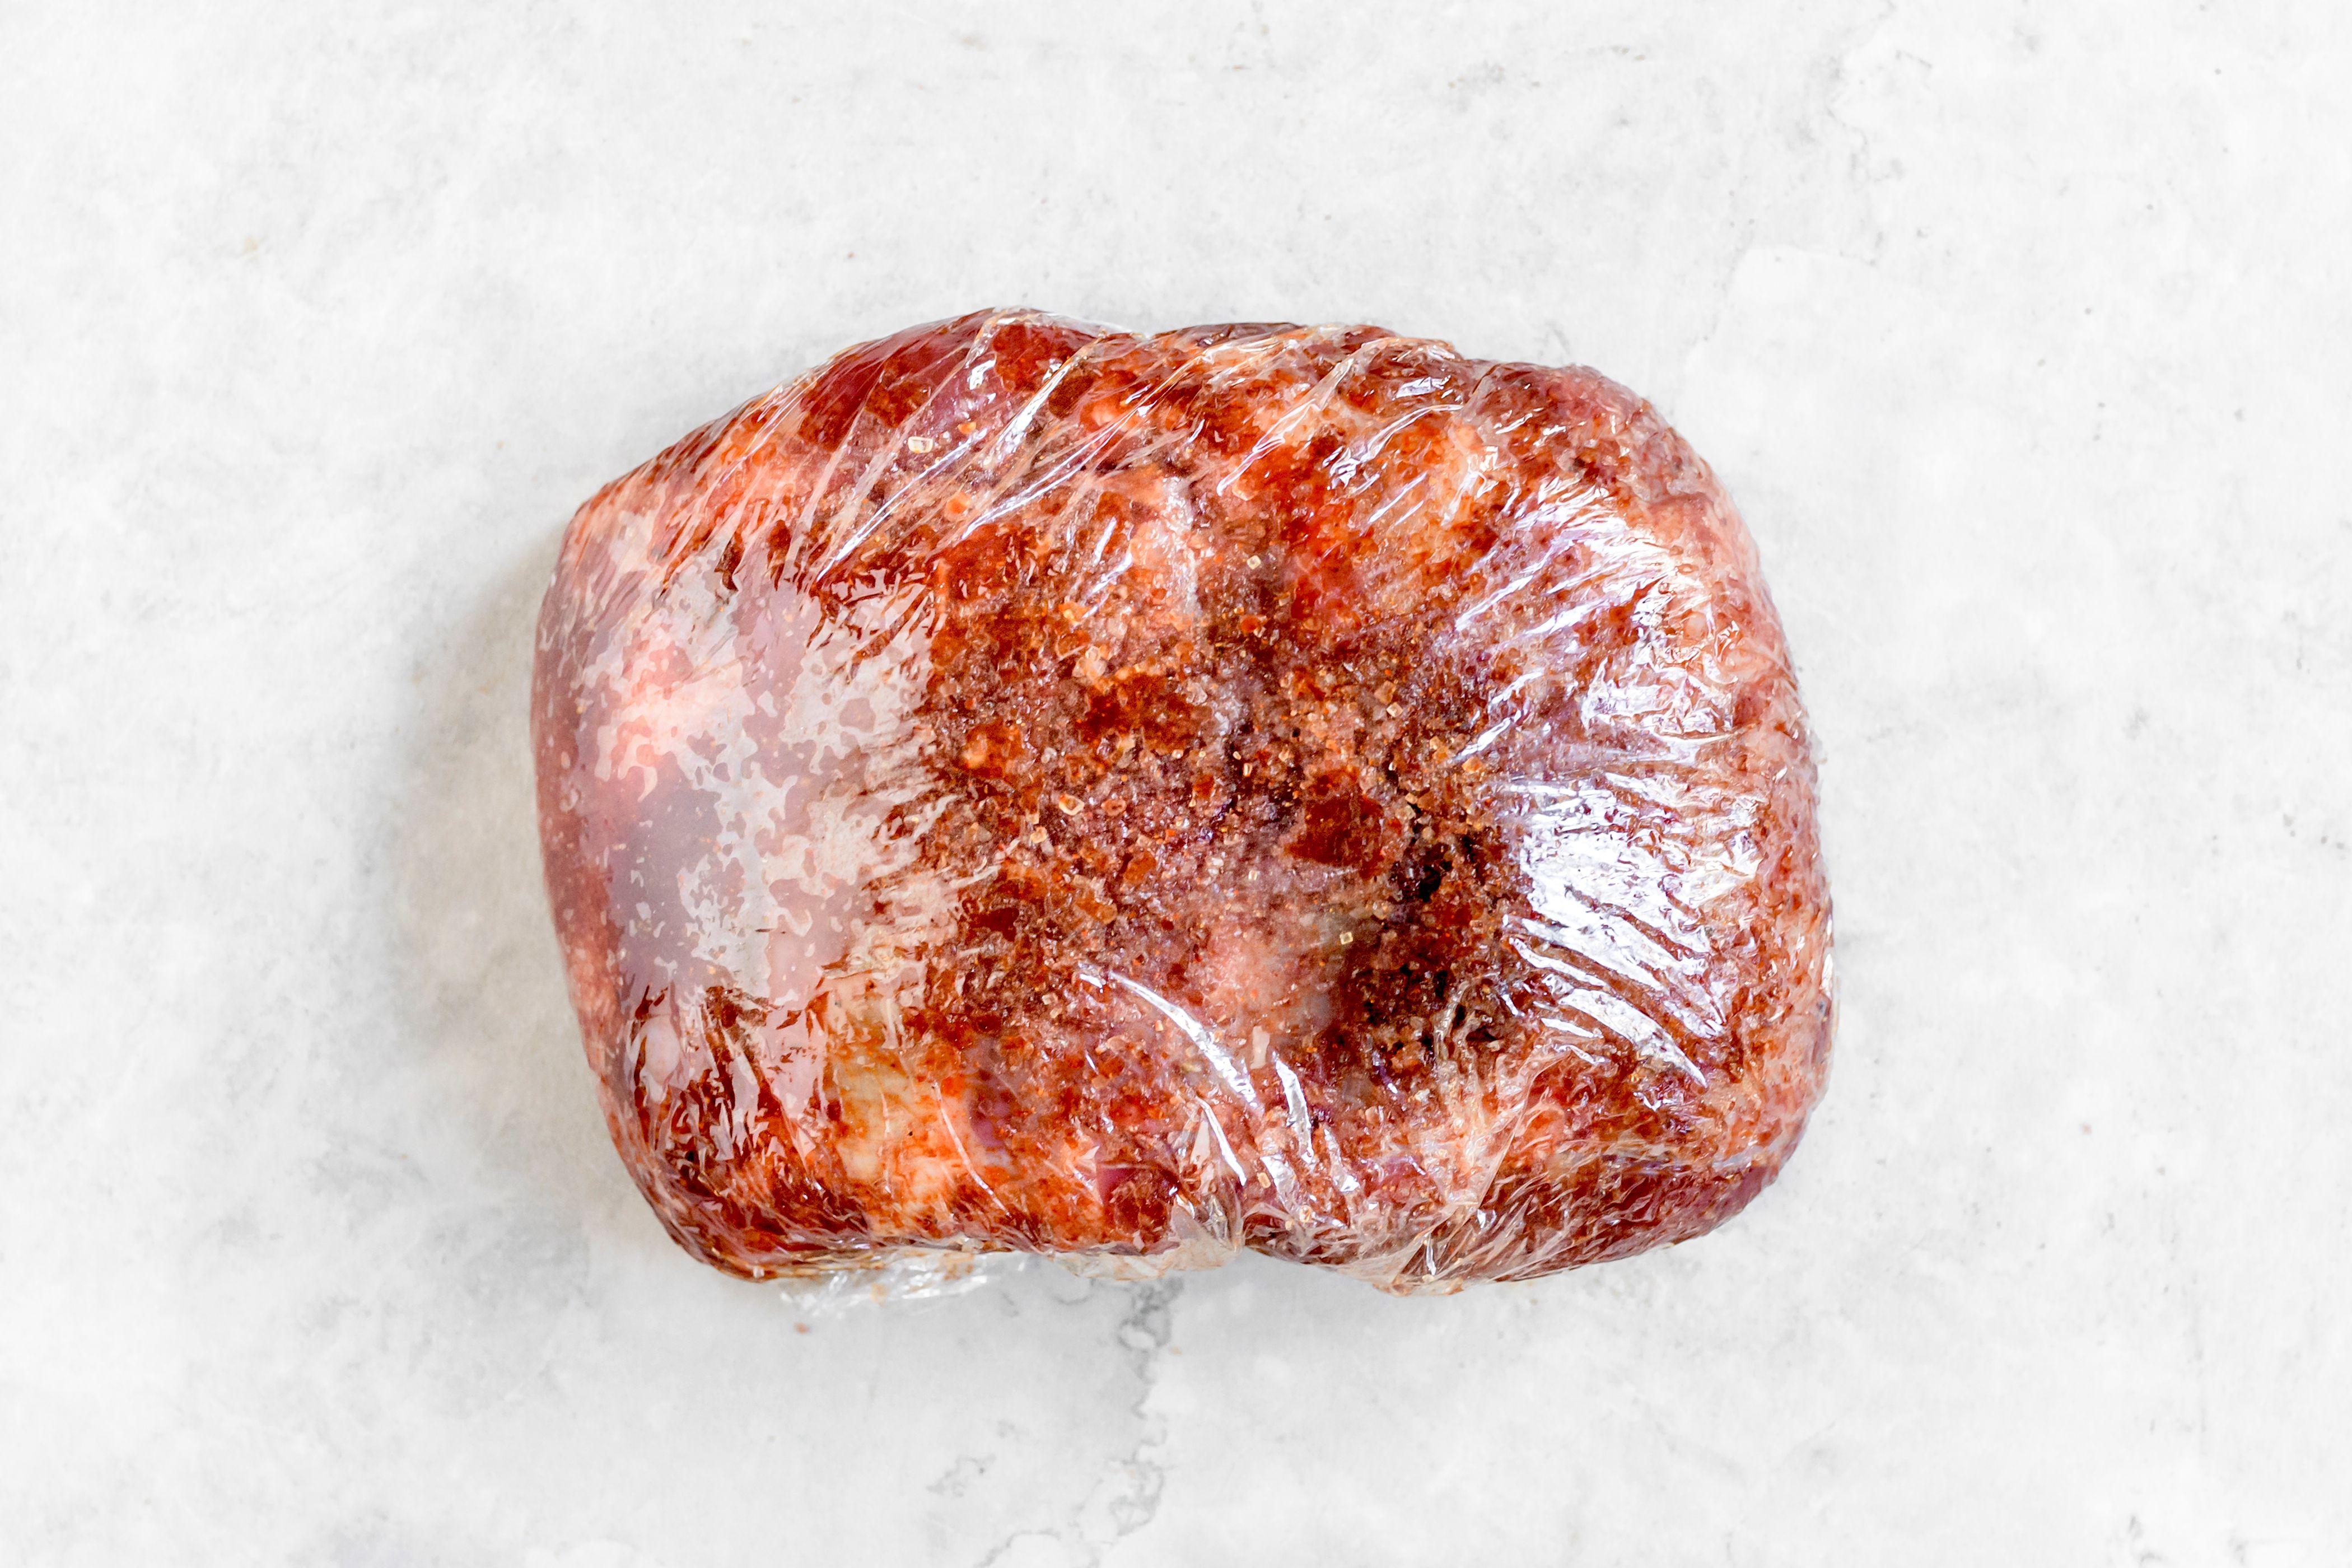 wrap meat in plastic wrap